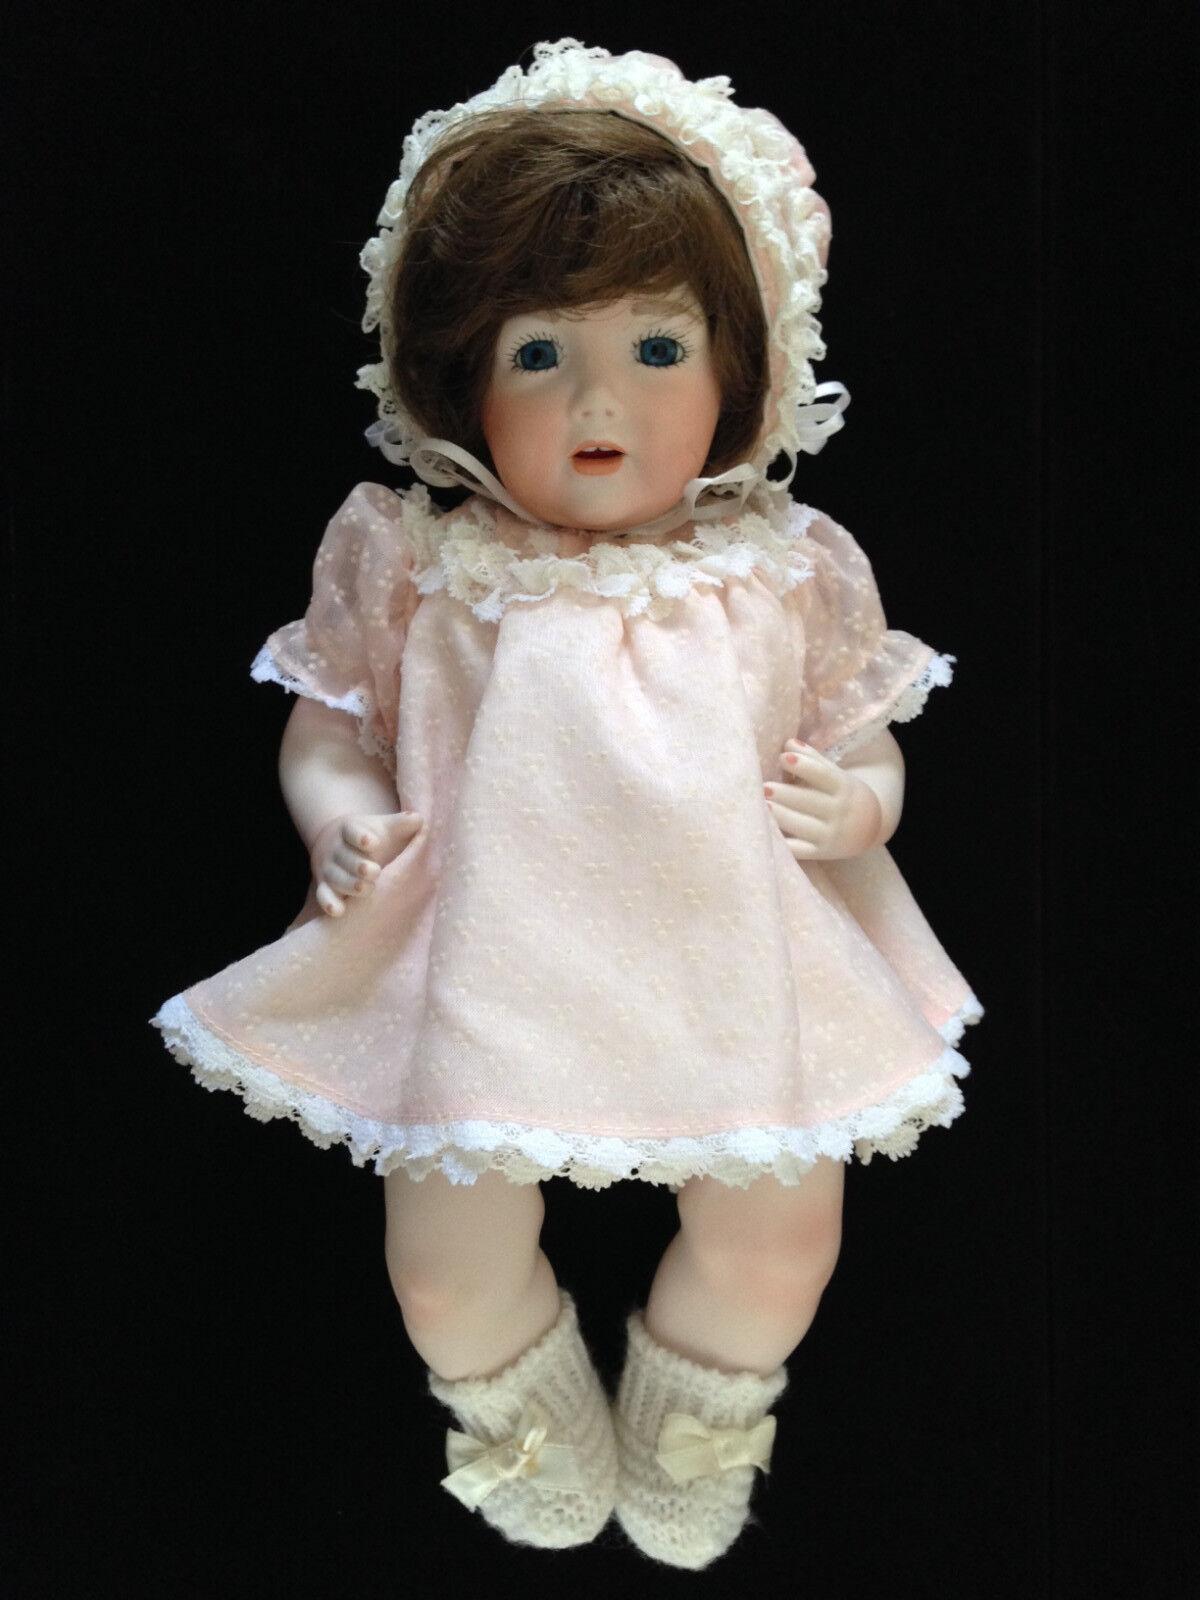 JD Kestner Ges Gesch Germany Porcelain Reproduction Bisque Baby Girl Doll Dress